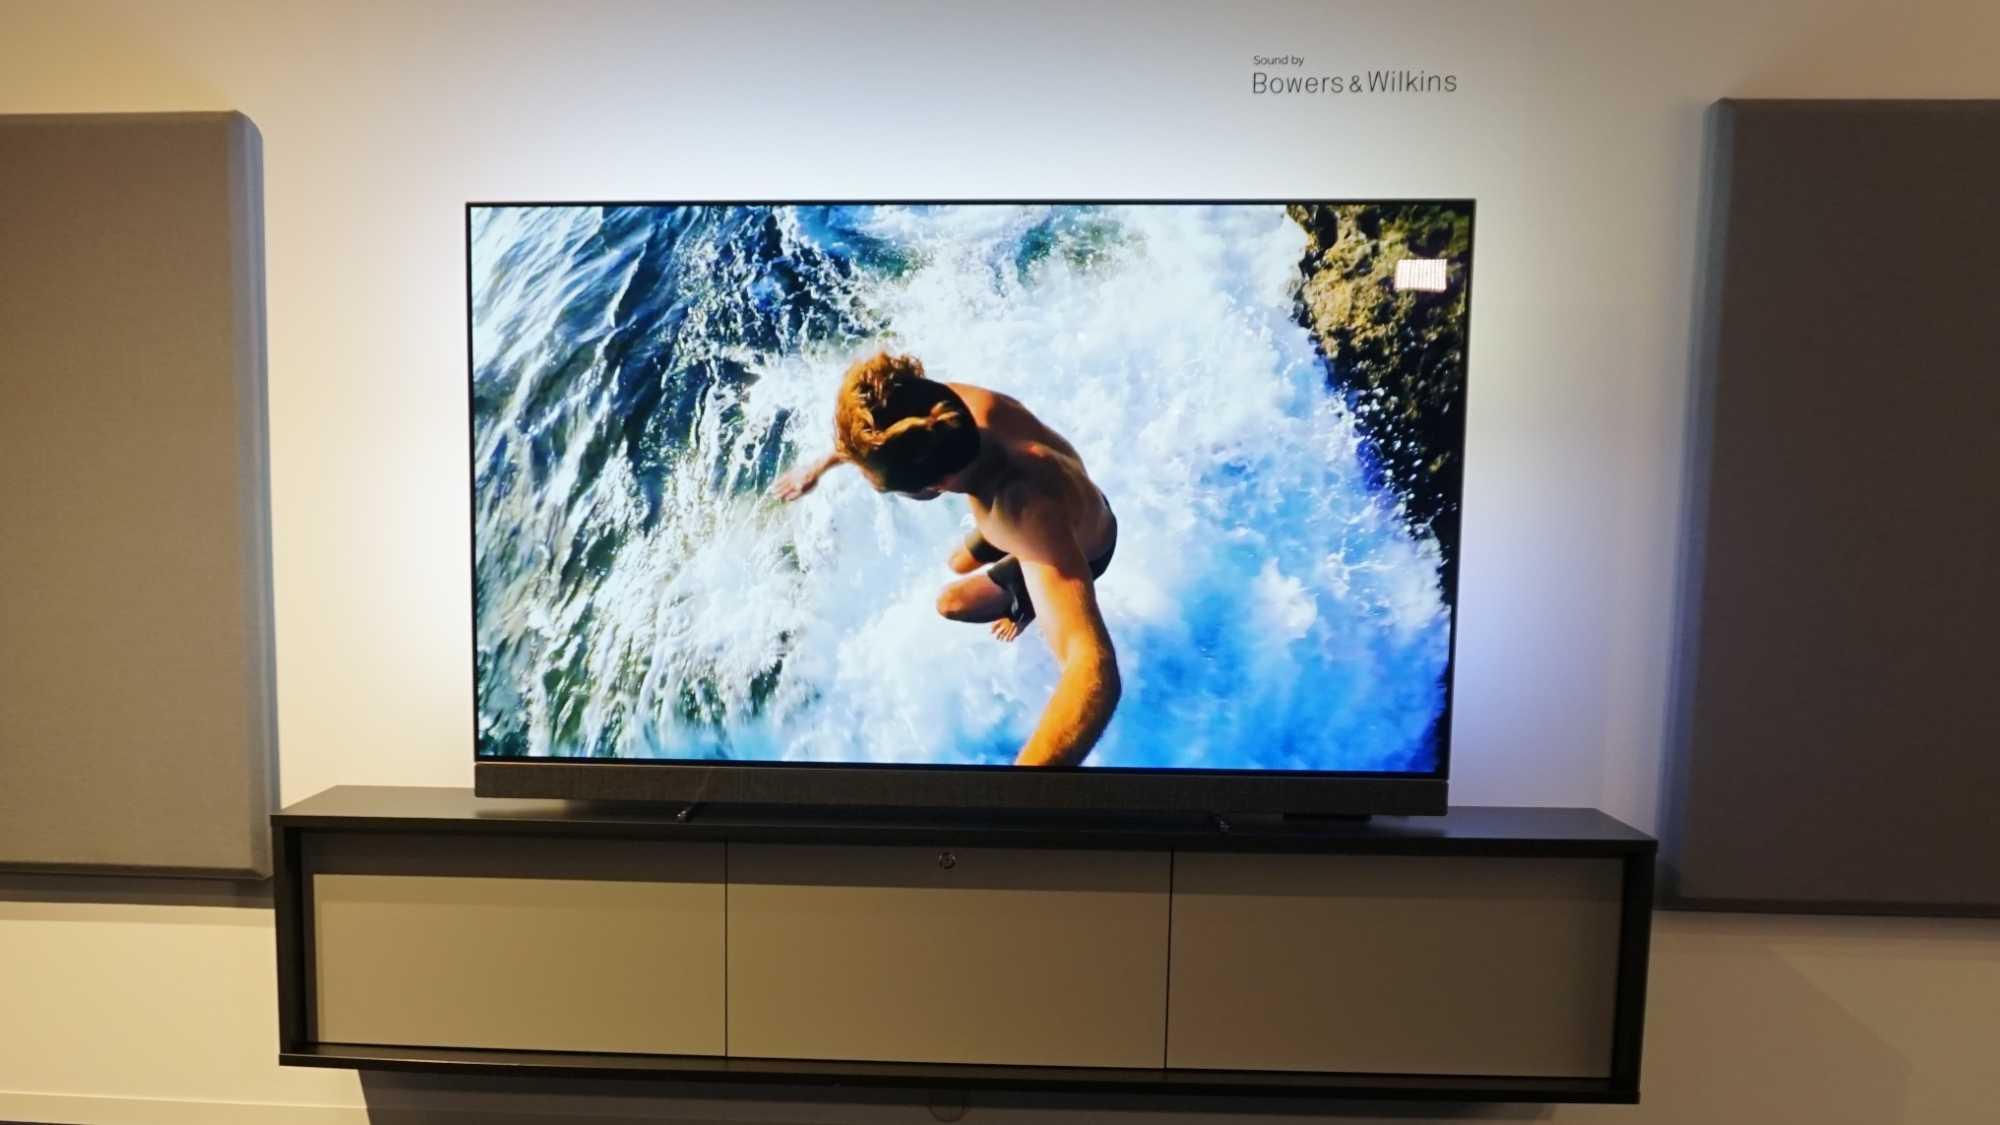 Flachbildfernseher mit Wumms: Philips kooperiert bei OLED 903 mit Bowers und Wilkens